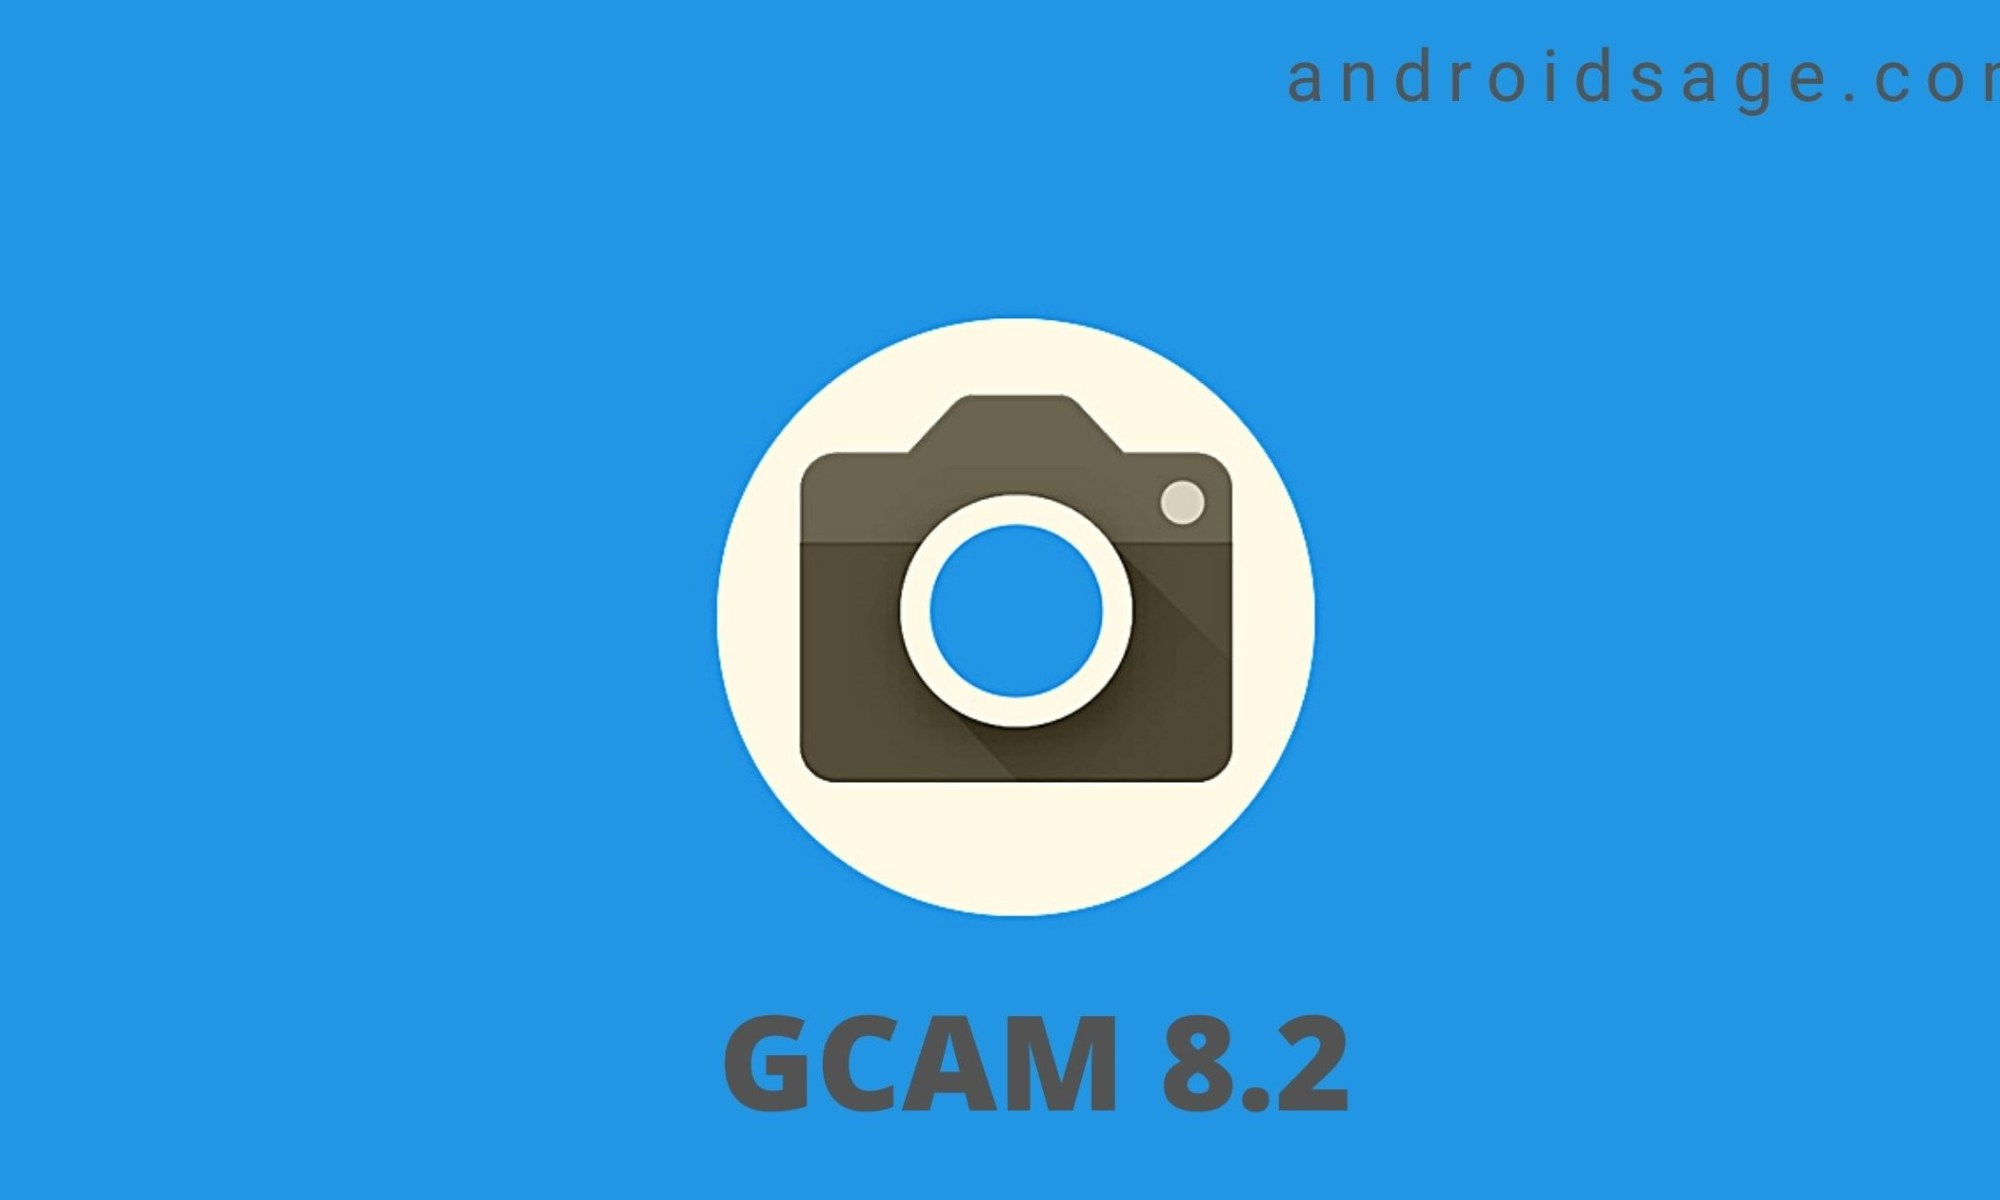 Gcam 8.2 APK Download androidsage.com